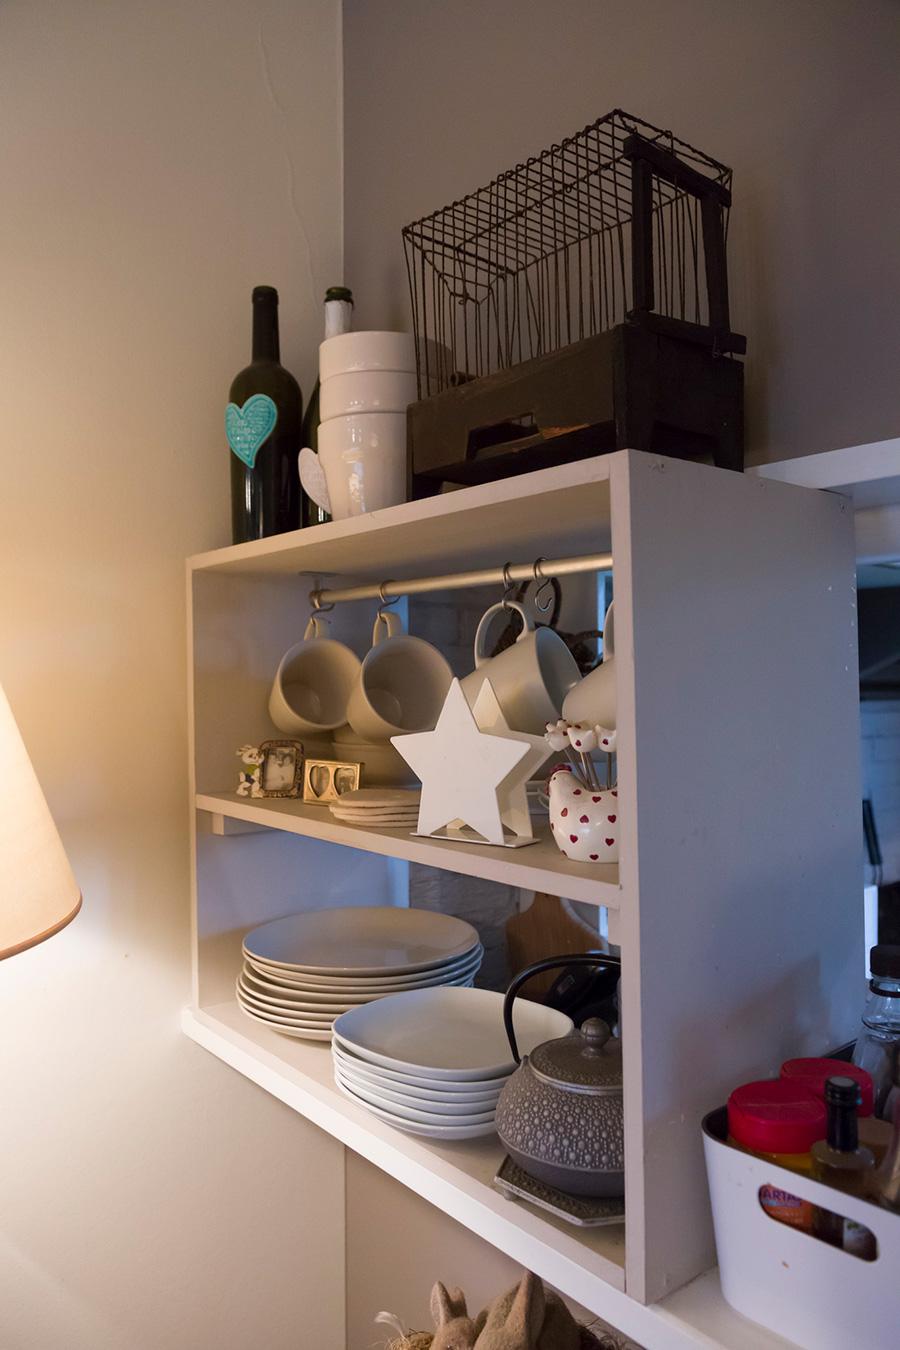 オープンカウンターに造作した棚。キッチン側からもリビング側からも取り出せるのが便利。